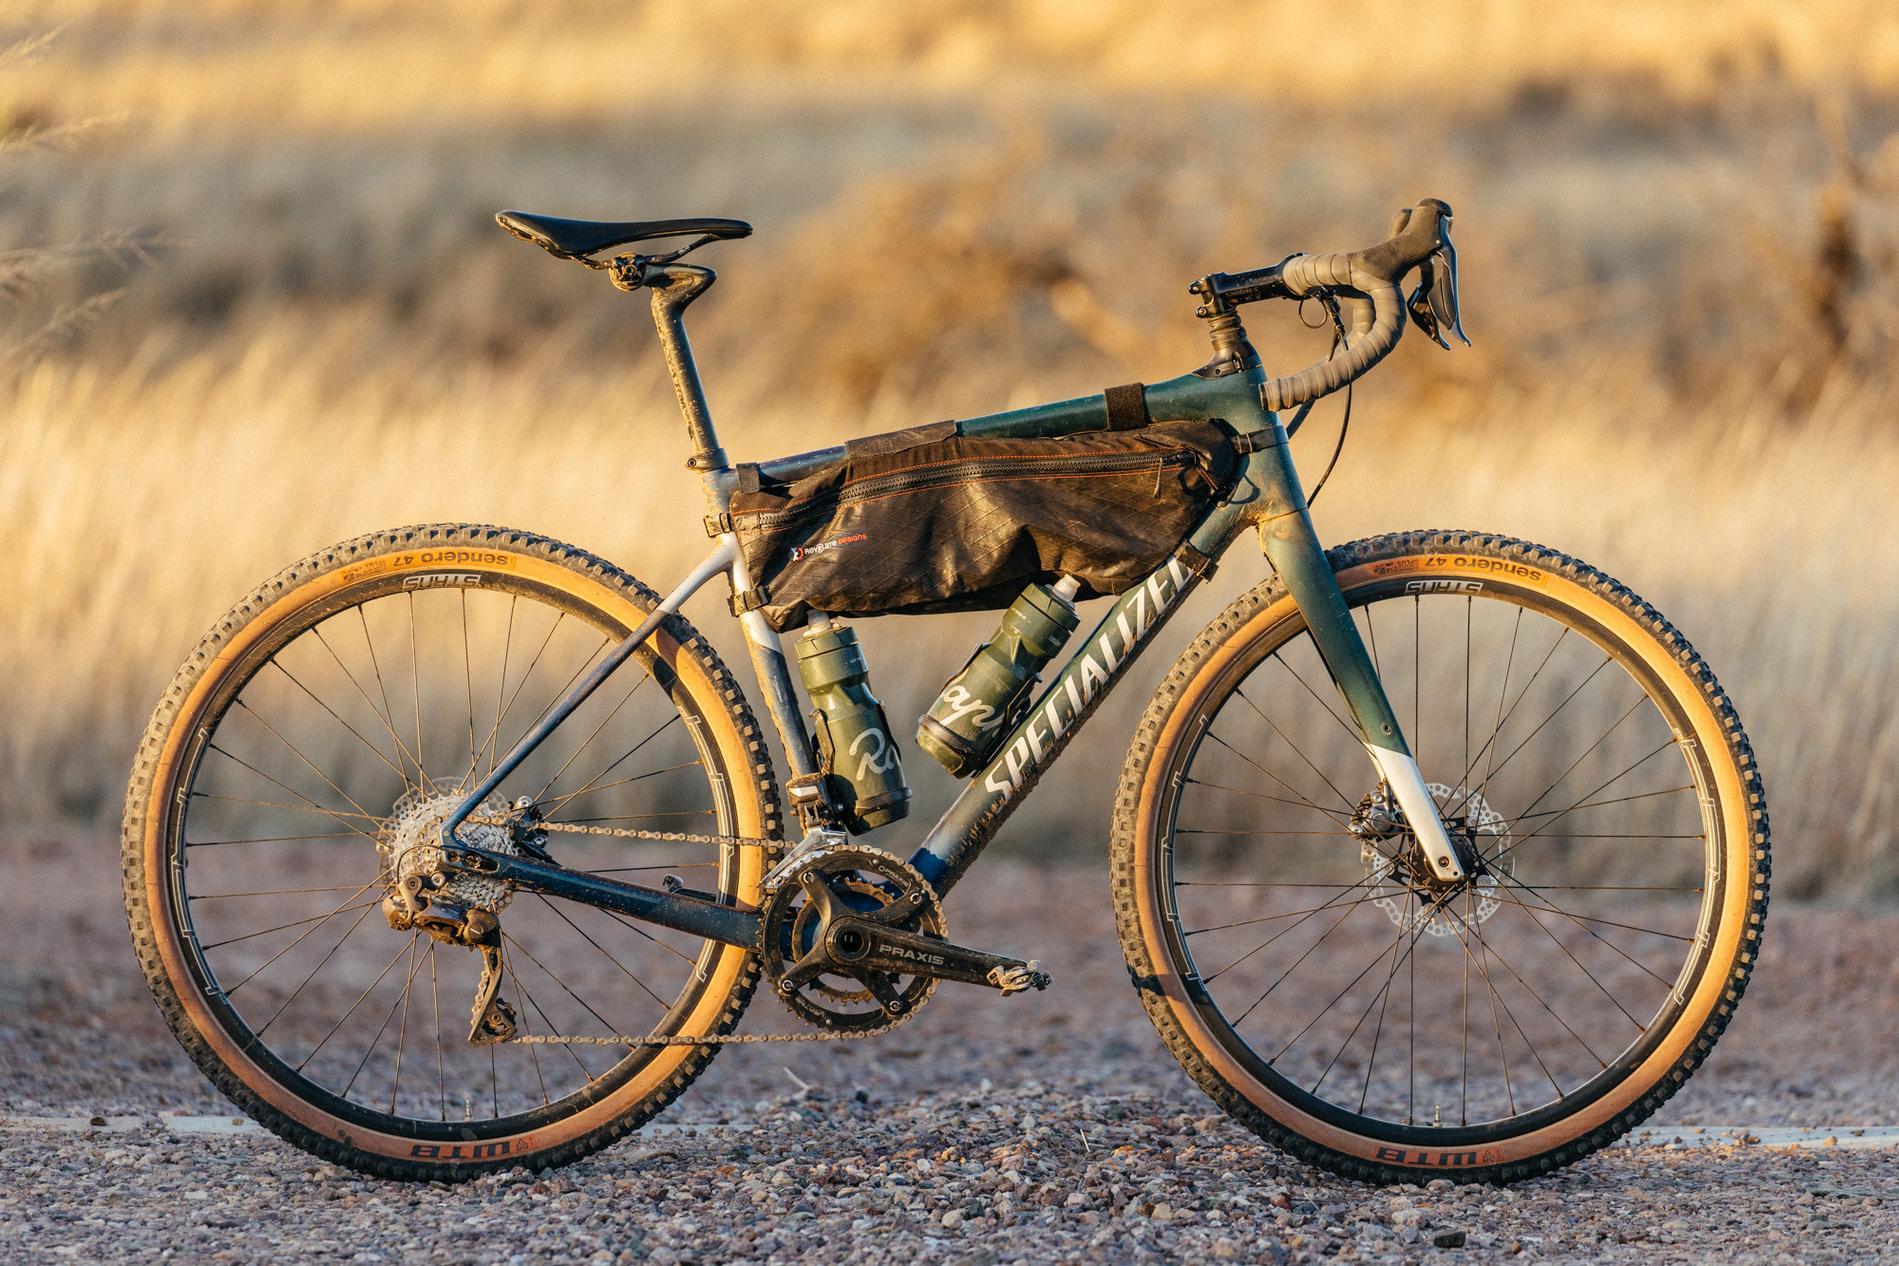 Rider setup - Adam's bike